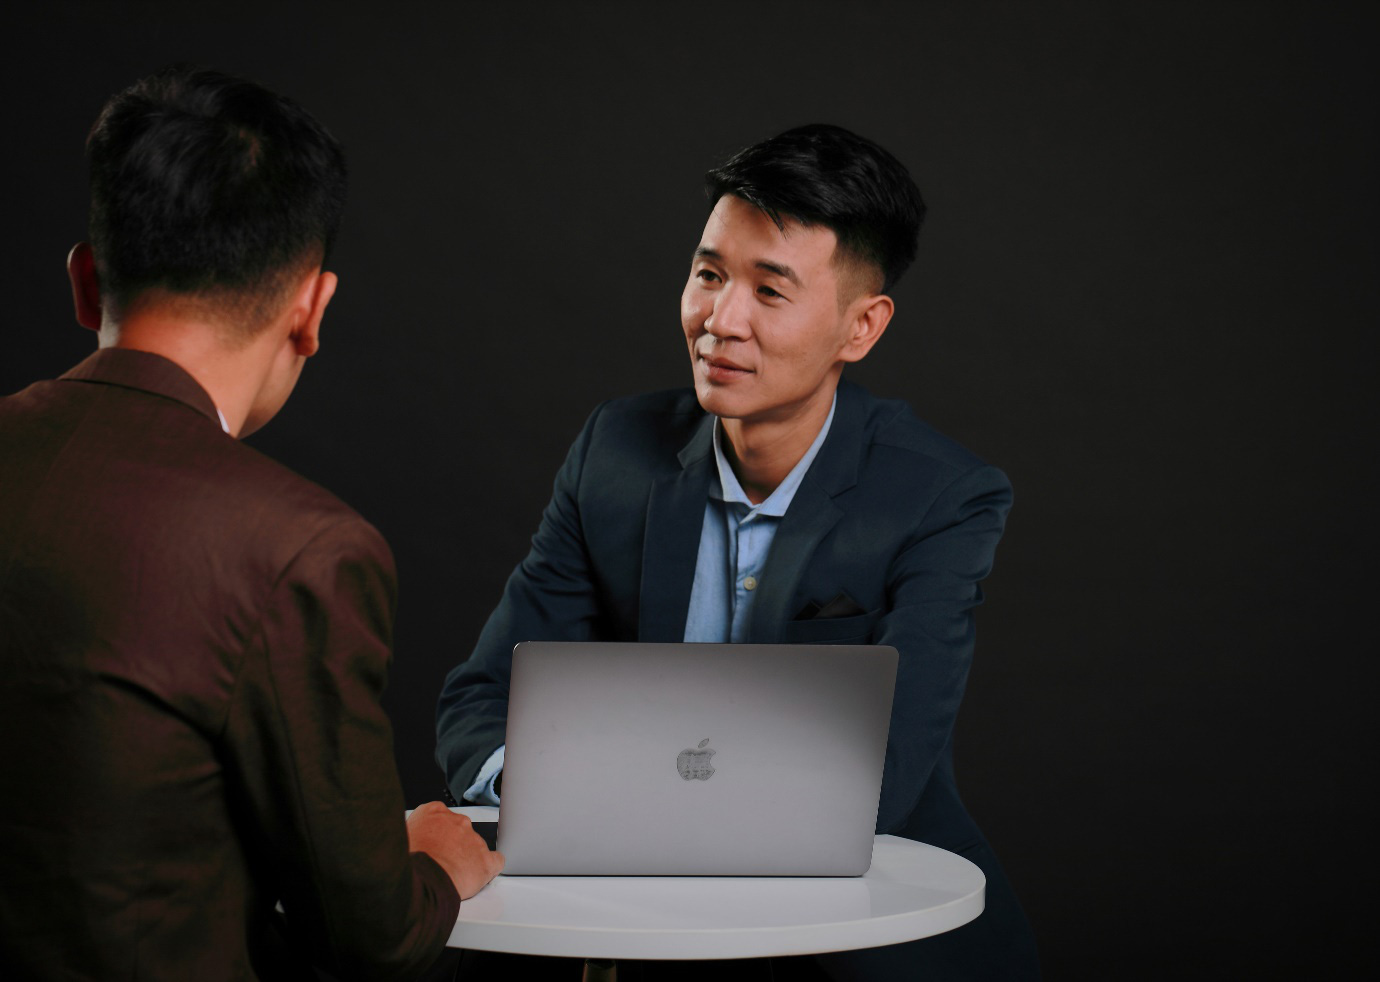 Website bất động sản trực tuyến batdongsan123.vn chính thức ra mắt - Ảnh 3.